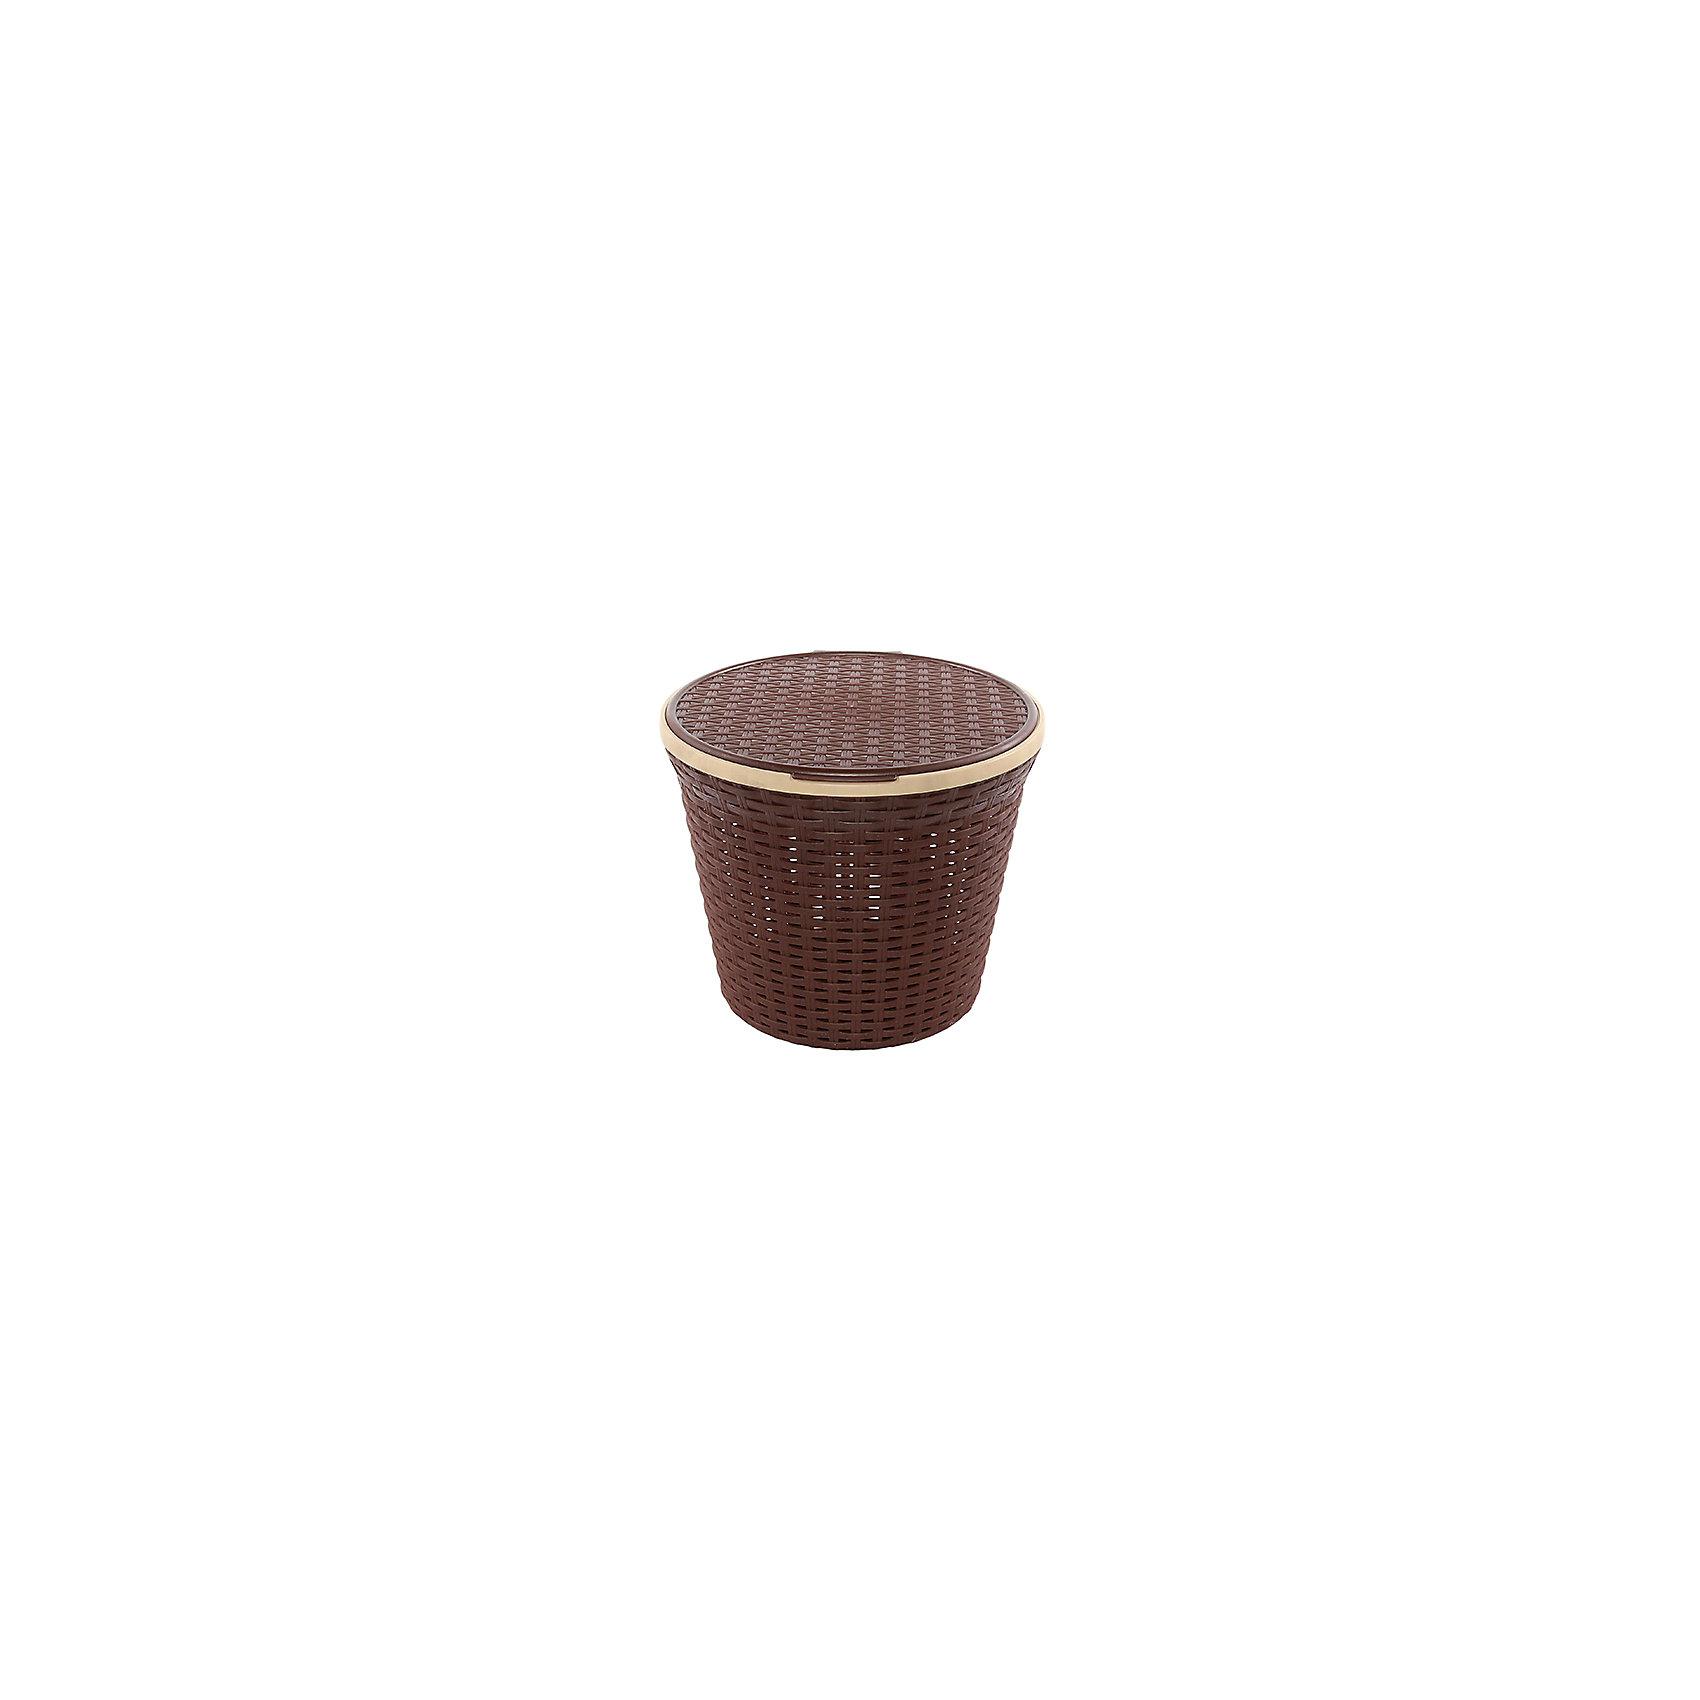 Корзина для хранения круглая 15 л.33*33*27 см. с крышкой Ротанг, Violet, коричневыйВанная комната<br>Корзина для хранения круглая 15 л.33*33*27 см. с крышкой Ротанг(коричневая), Violet Корзина для хранения - незаменимая вещь для эргономичного хранения самого необходимого. Отличное решение для организации жилого пространства.<br><br>Ширина мм: 330<br>Глубина мм: 330<br>Высота мм: 270<br>Вес г: 430<br>Возраст от месяцев: 0<br>Возраст до месяцев: 1188<br>Пол: Унисекс<br>Возраст: Детский<br>SKU: 6668845